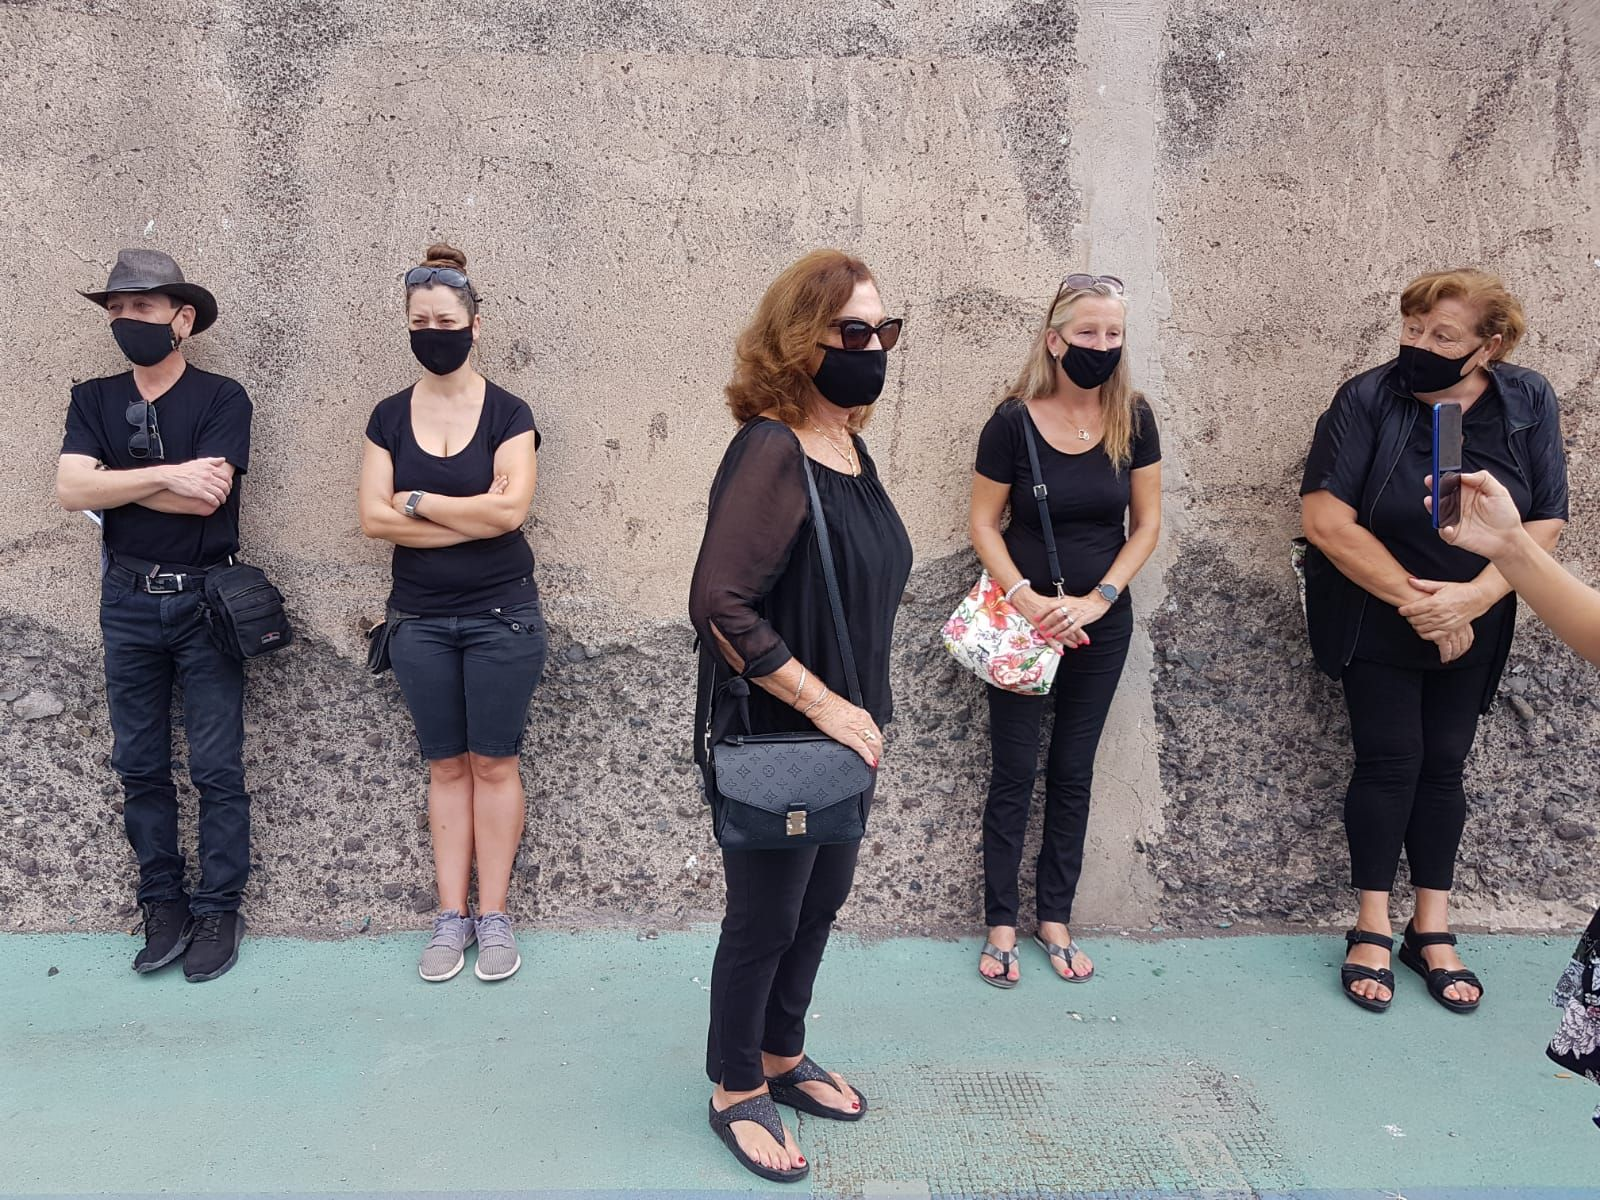 Autónomos en Morro Jable